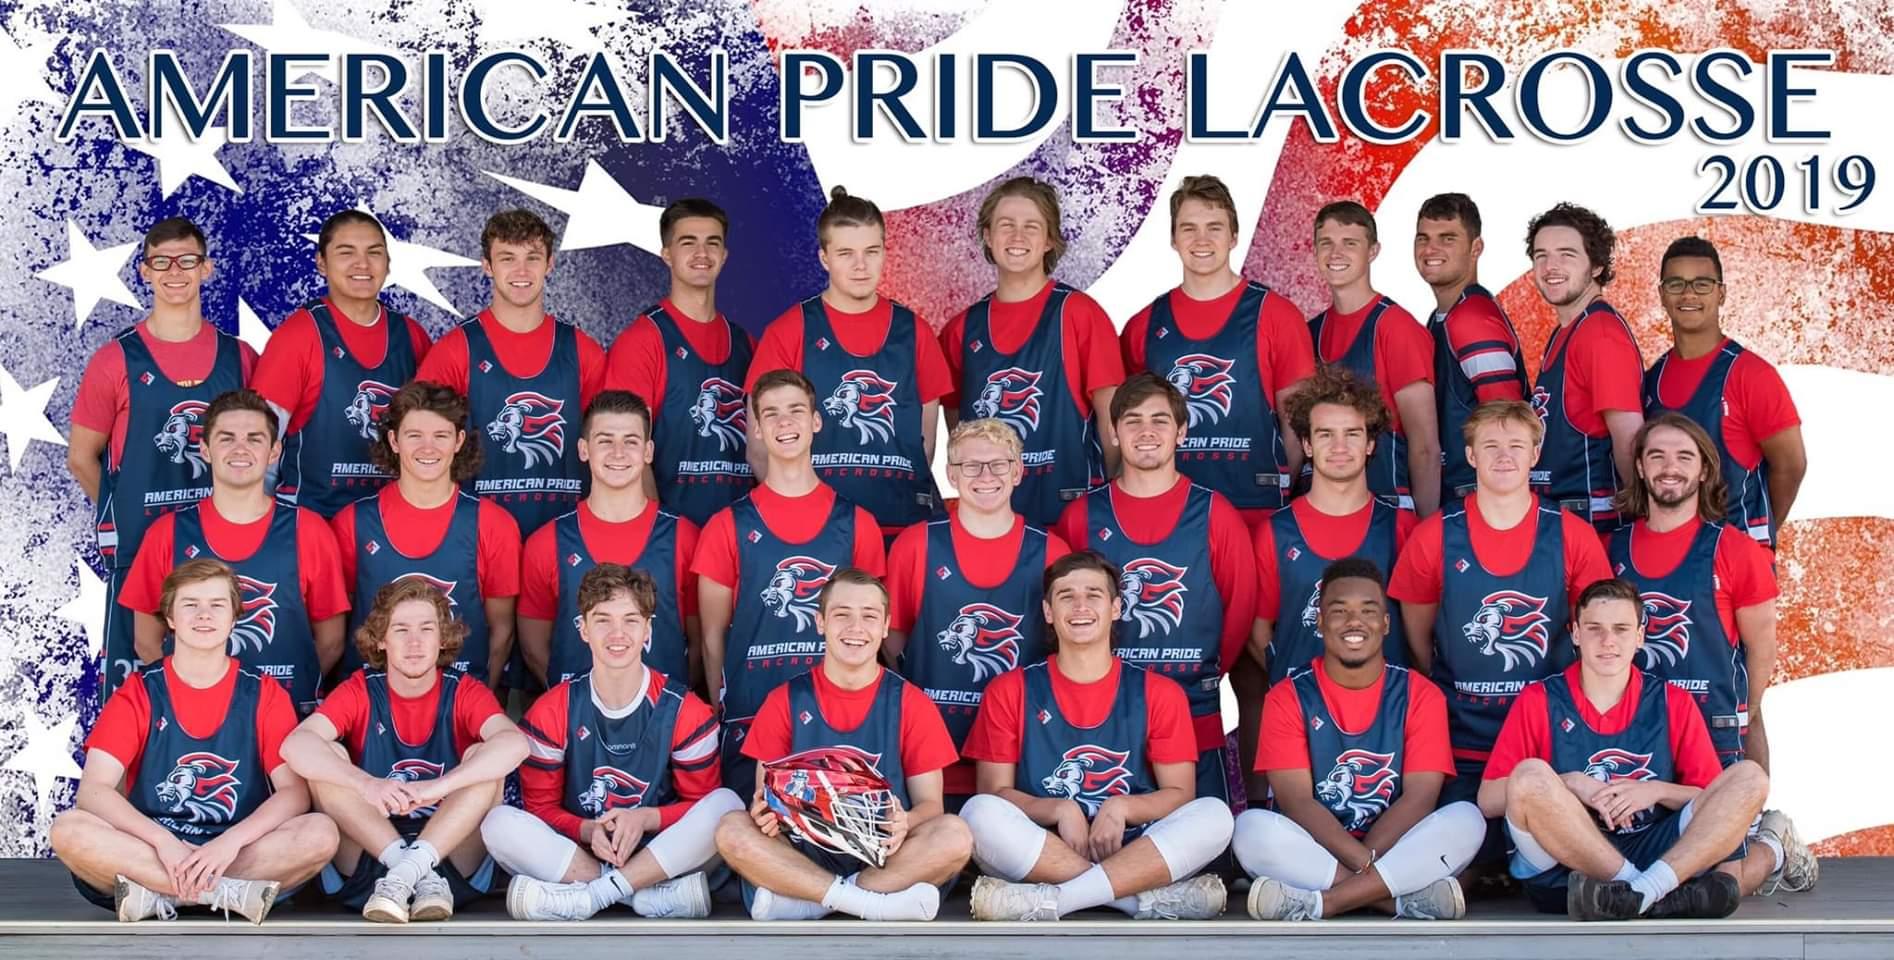 2019 American Pride Lacrosse